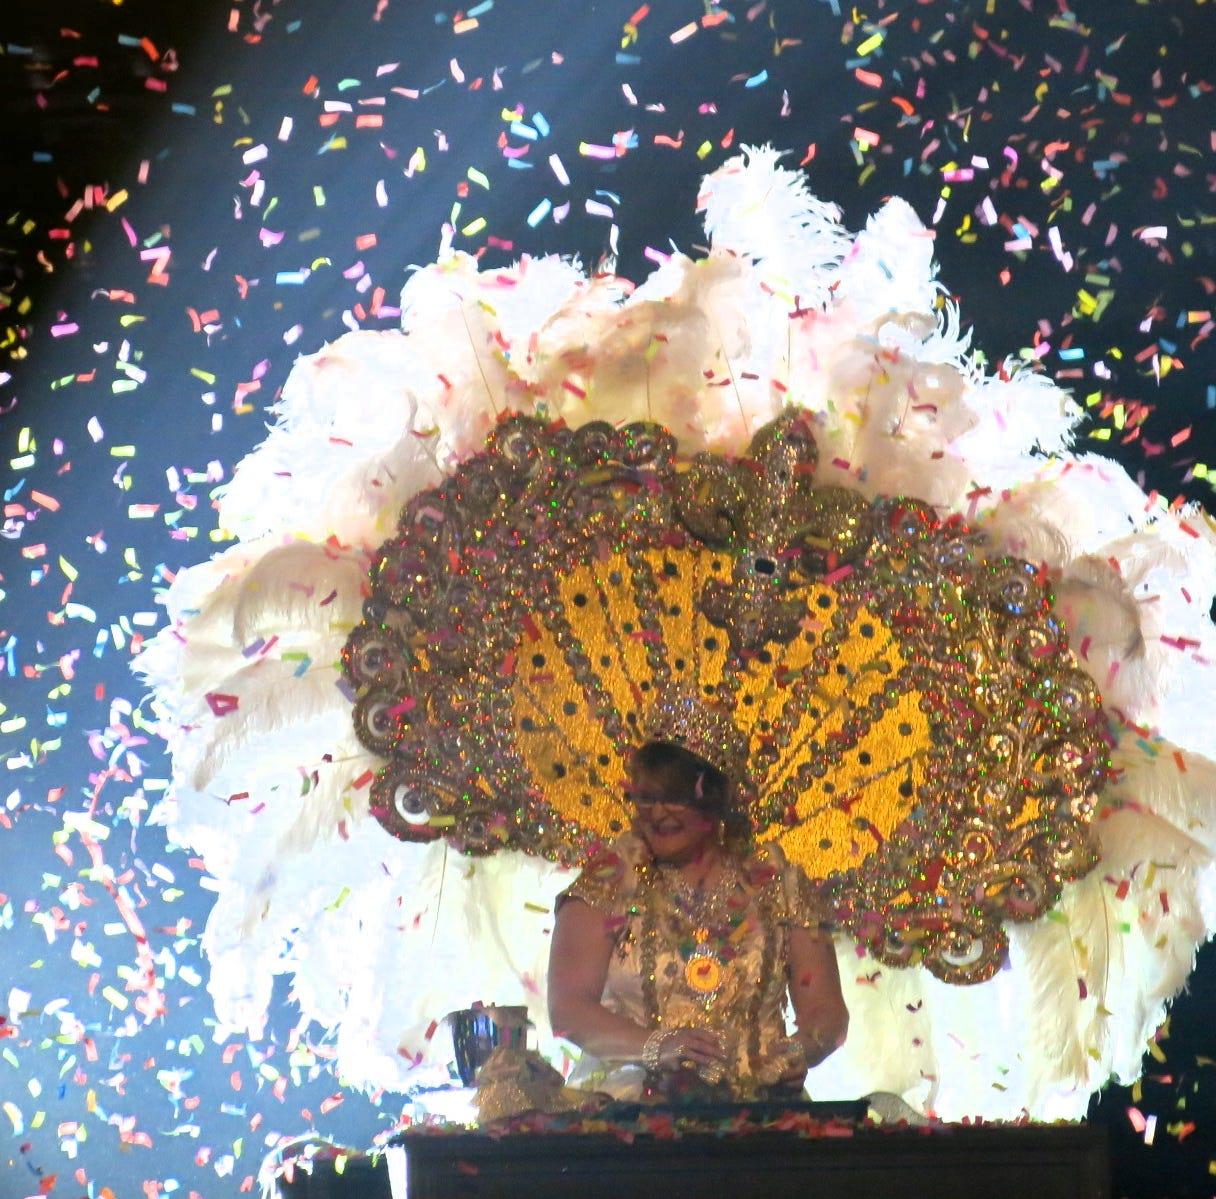 50 lbs. of confetti flew through the air at Krewe Centaur Grand Bal XXVIII